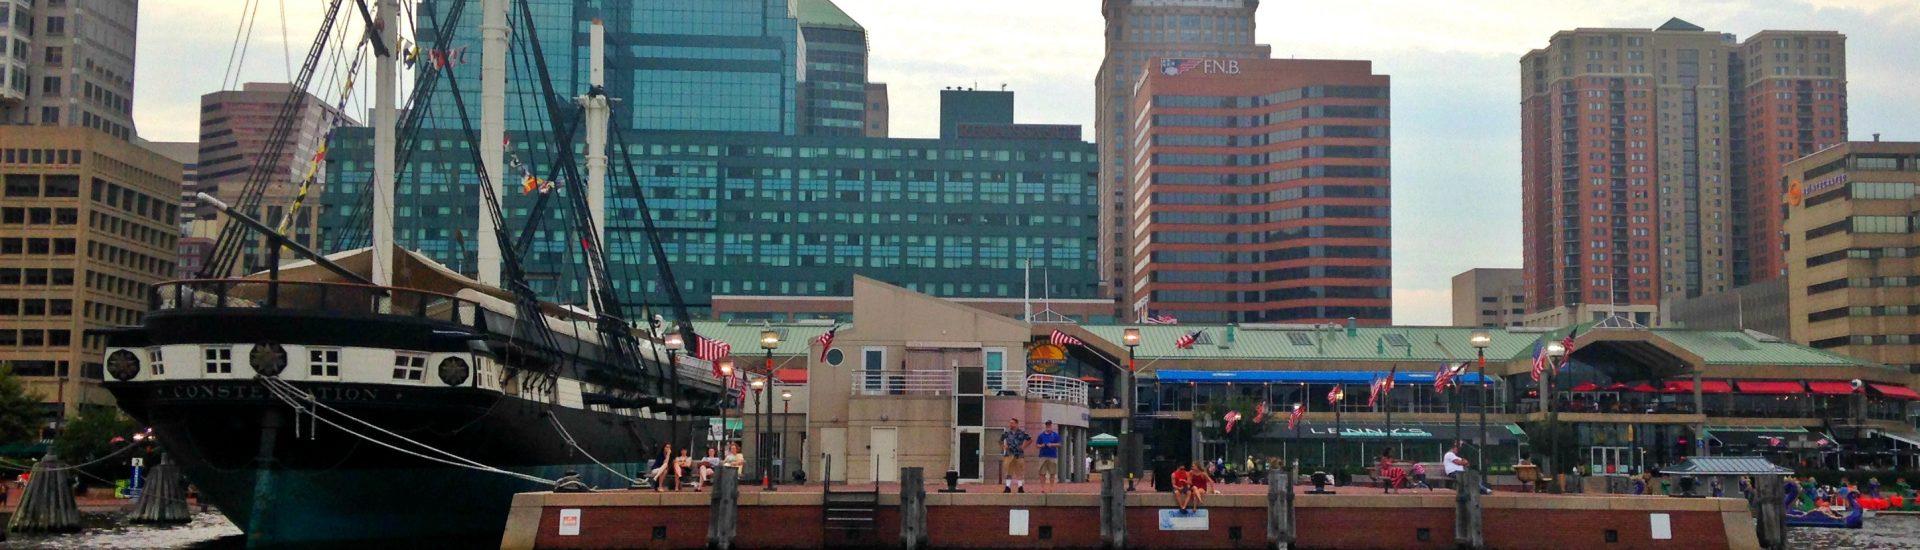 Baltimore harbor ship